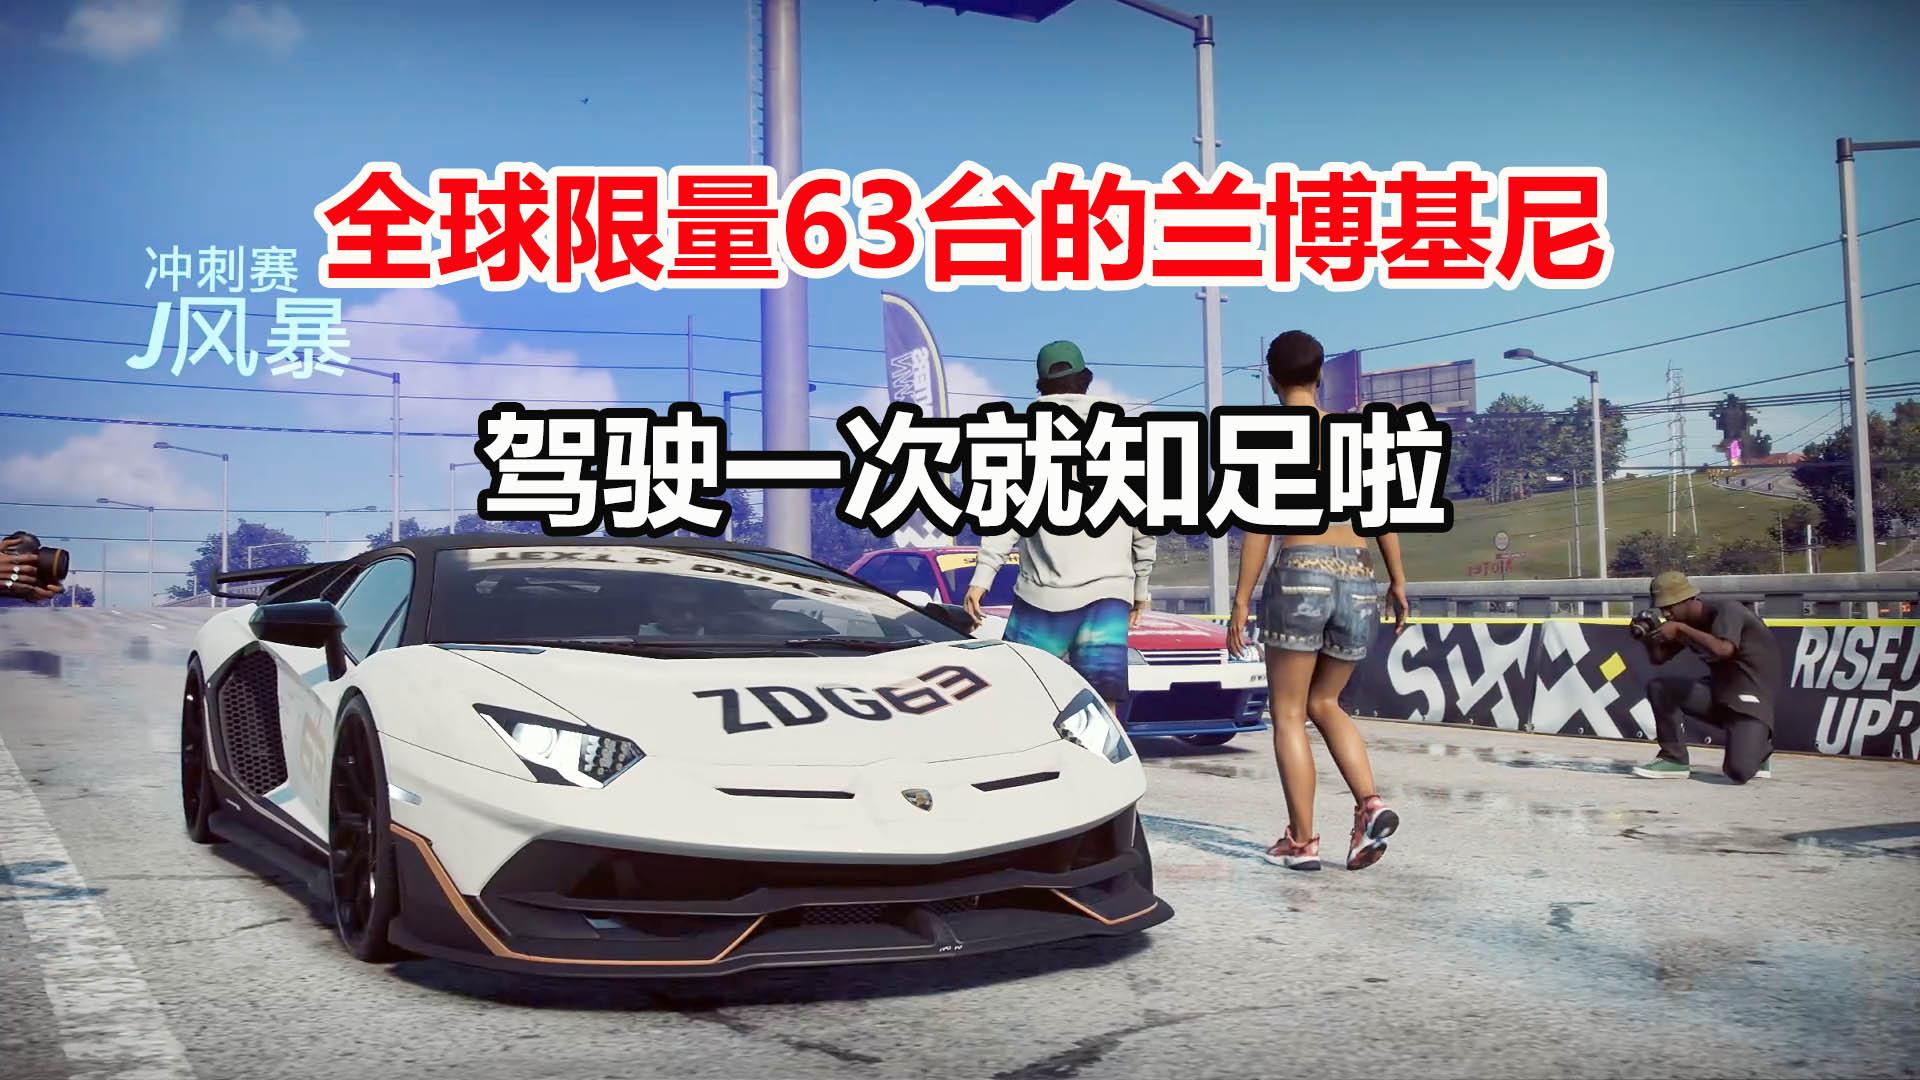 极品飞车21:驾驶全球限量63台的兰博基尼竞速,感觉真是太棒啦